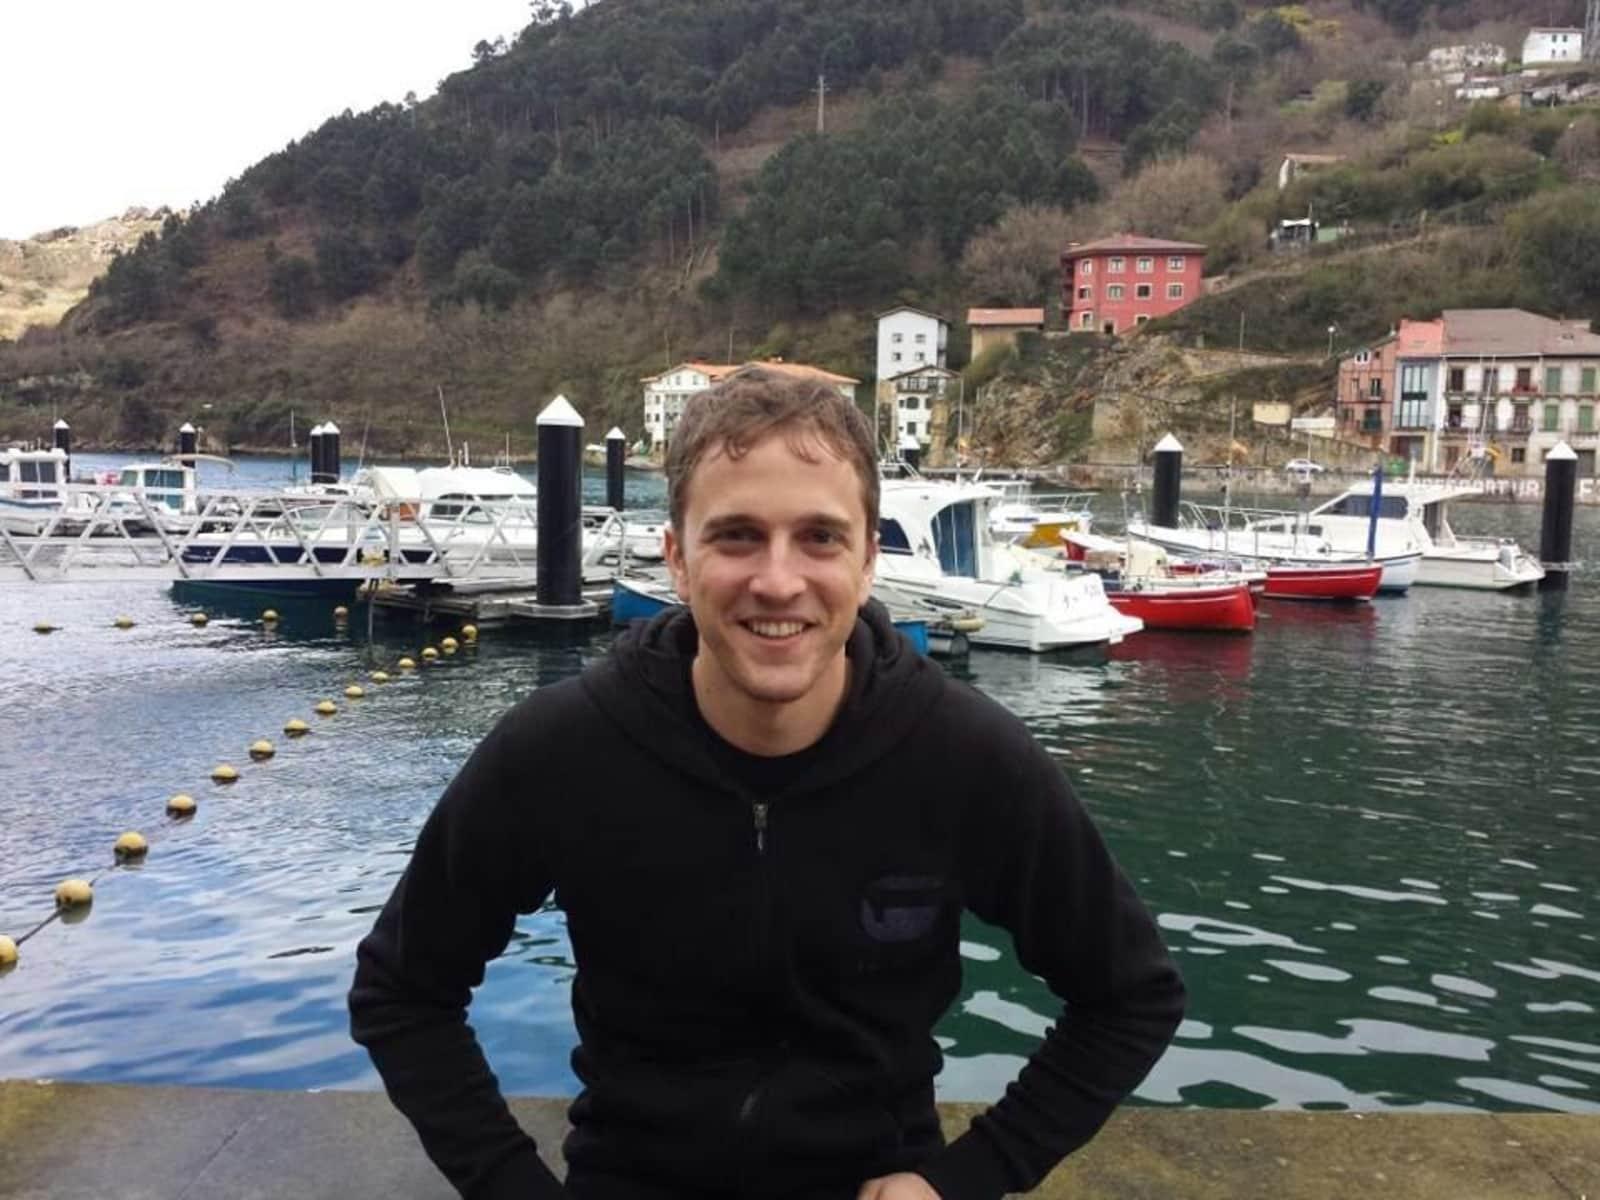 Jose from Andorra la Vella, Andorra